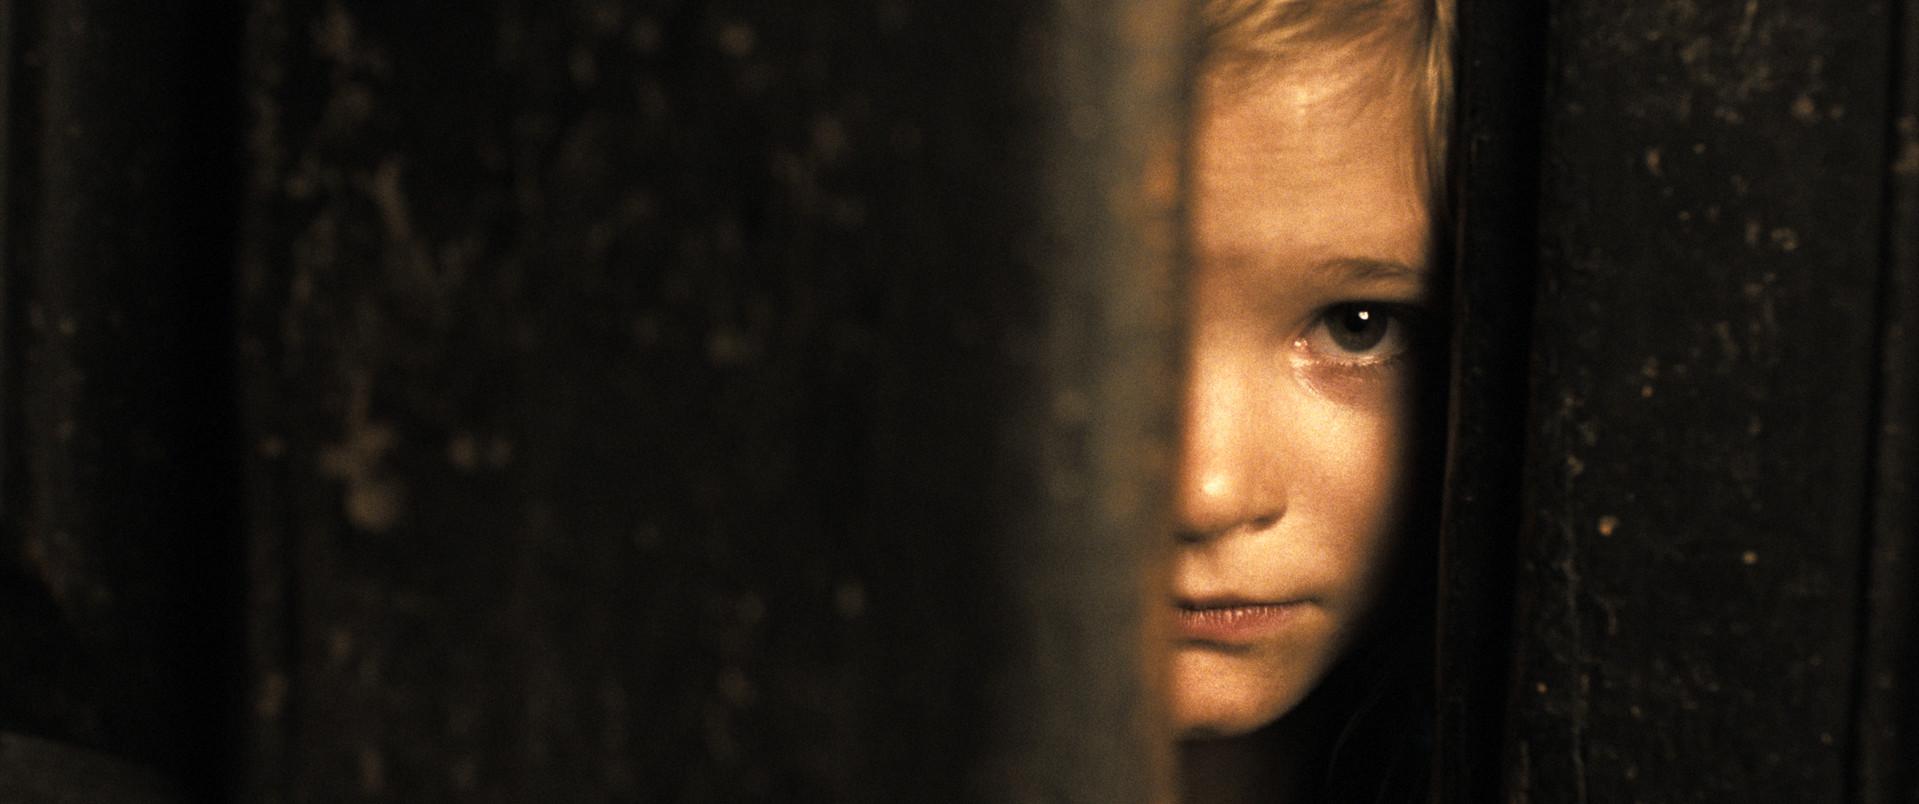 01-Dennis Mill-Kamera_Nach der Wahrheit